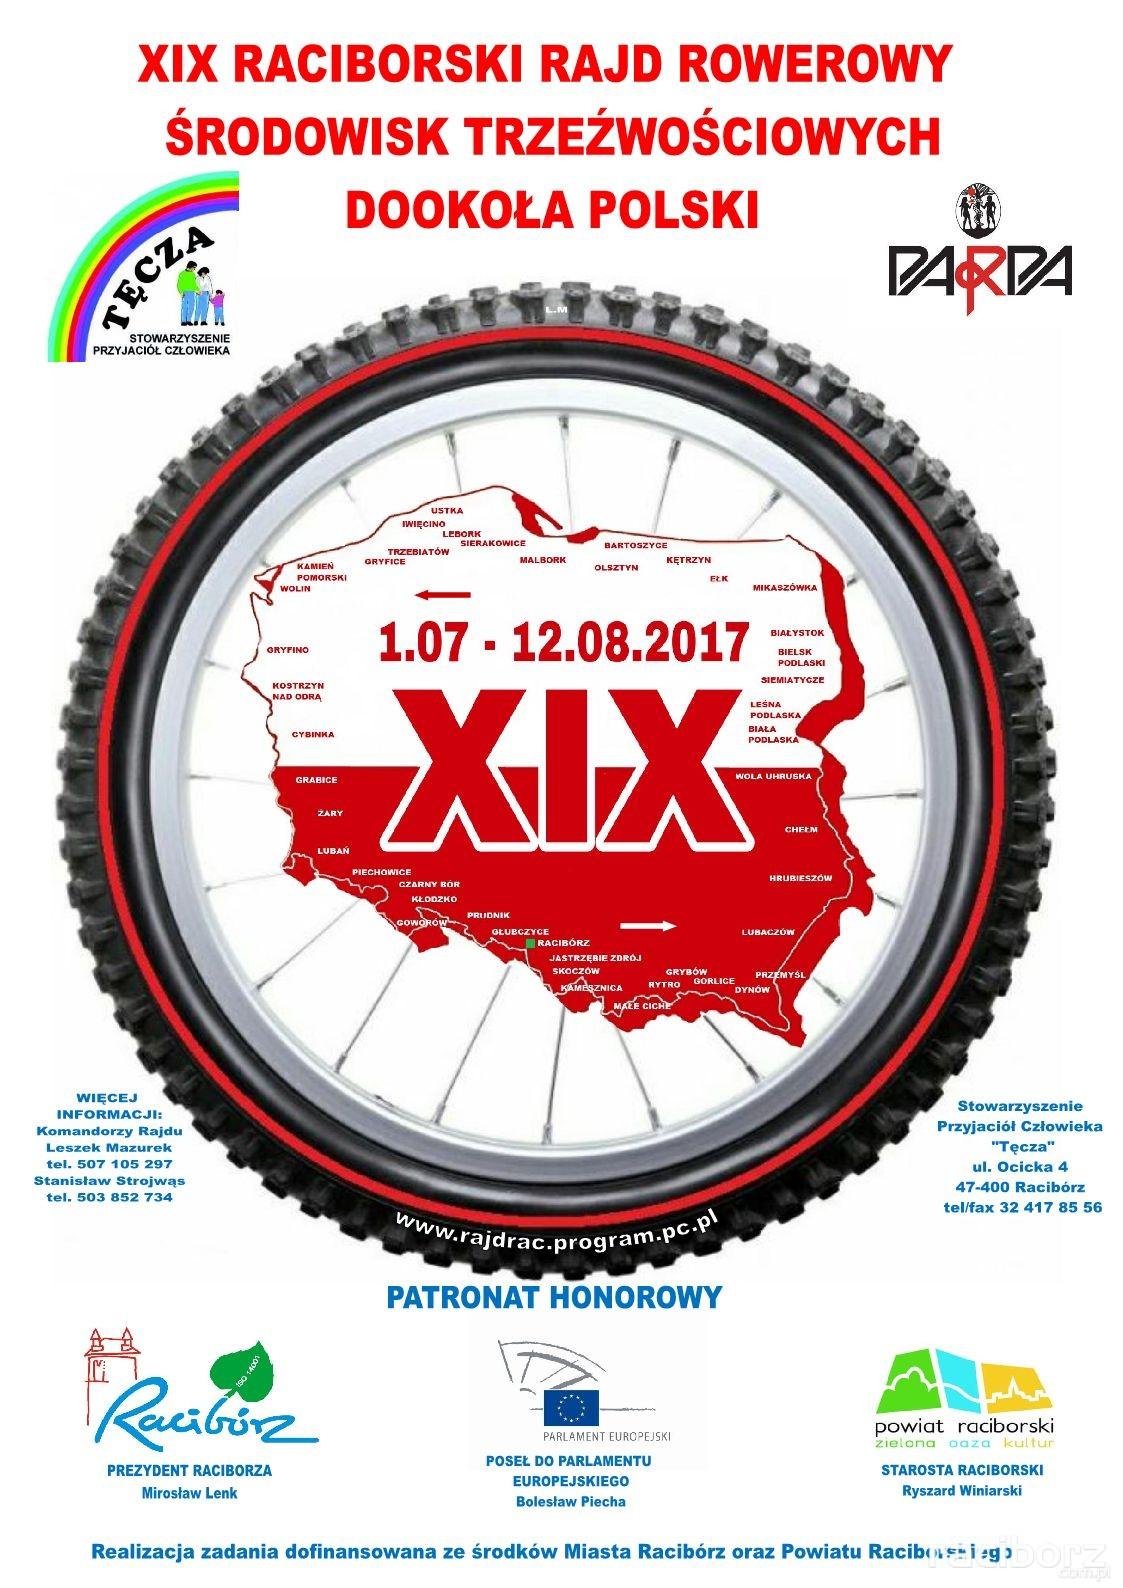 Raciborski Rajd Rowerowy Środowisk Trzeźwościowych Dookoła Polski 2017